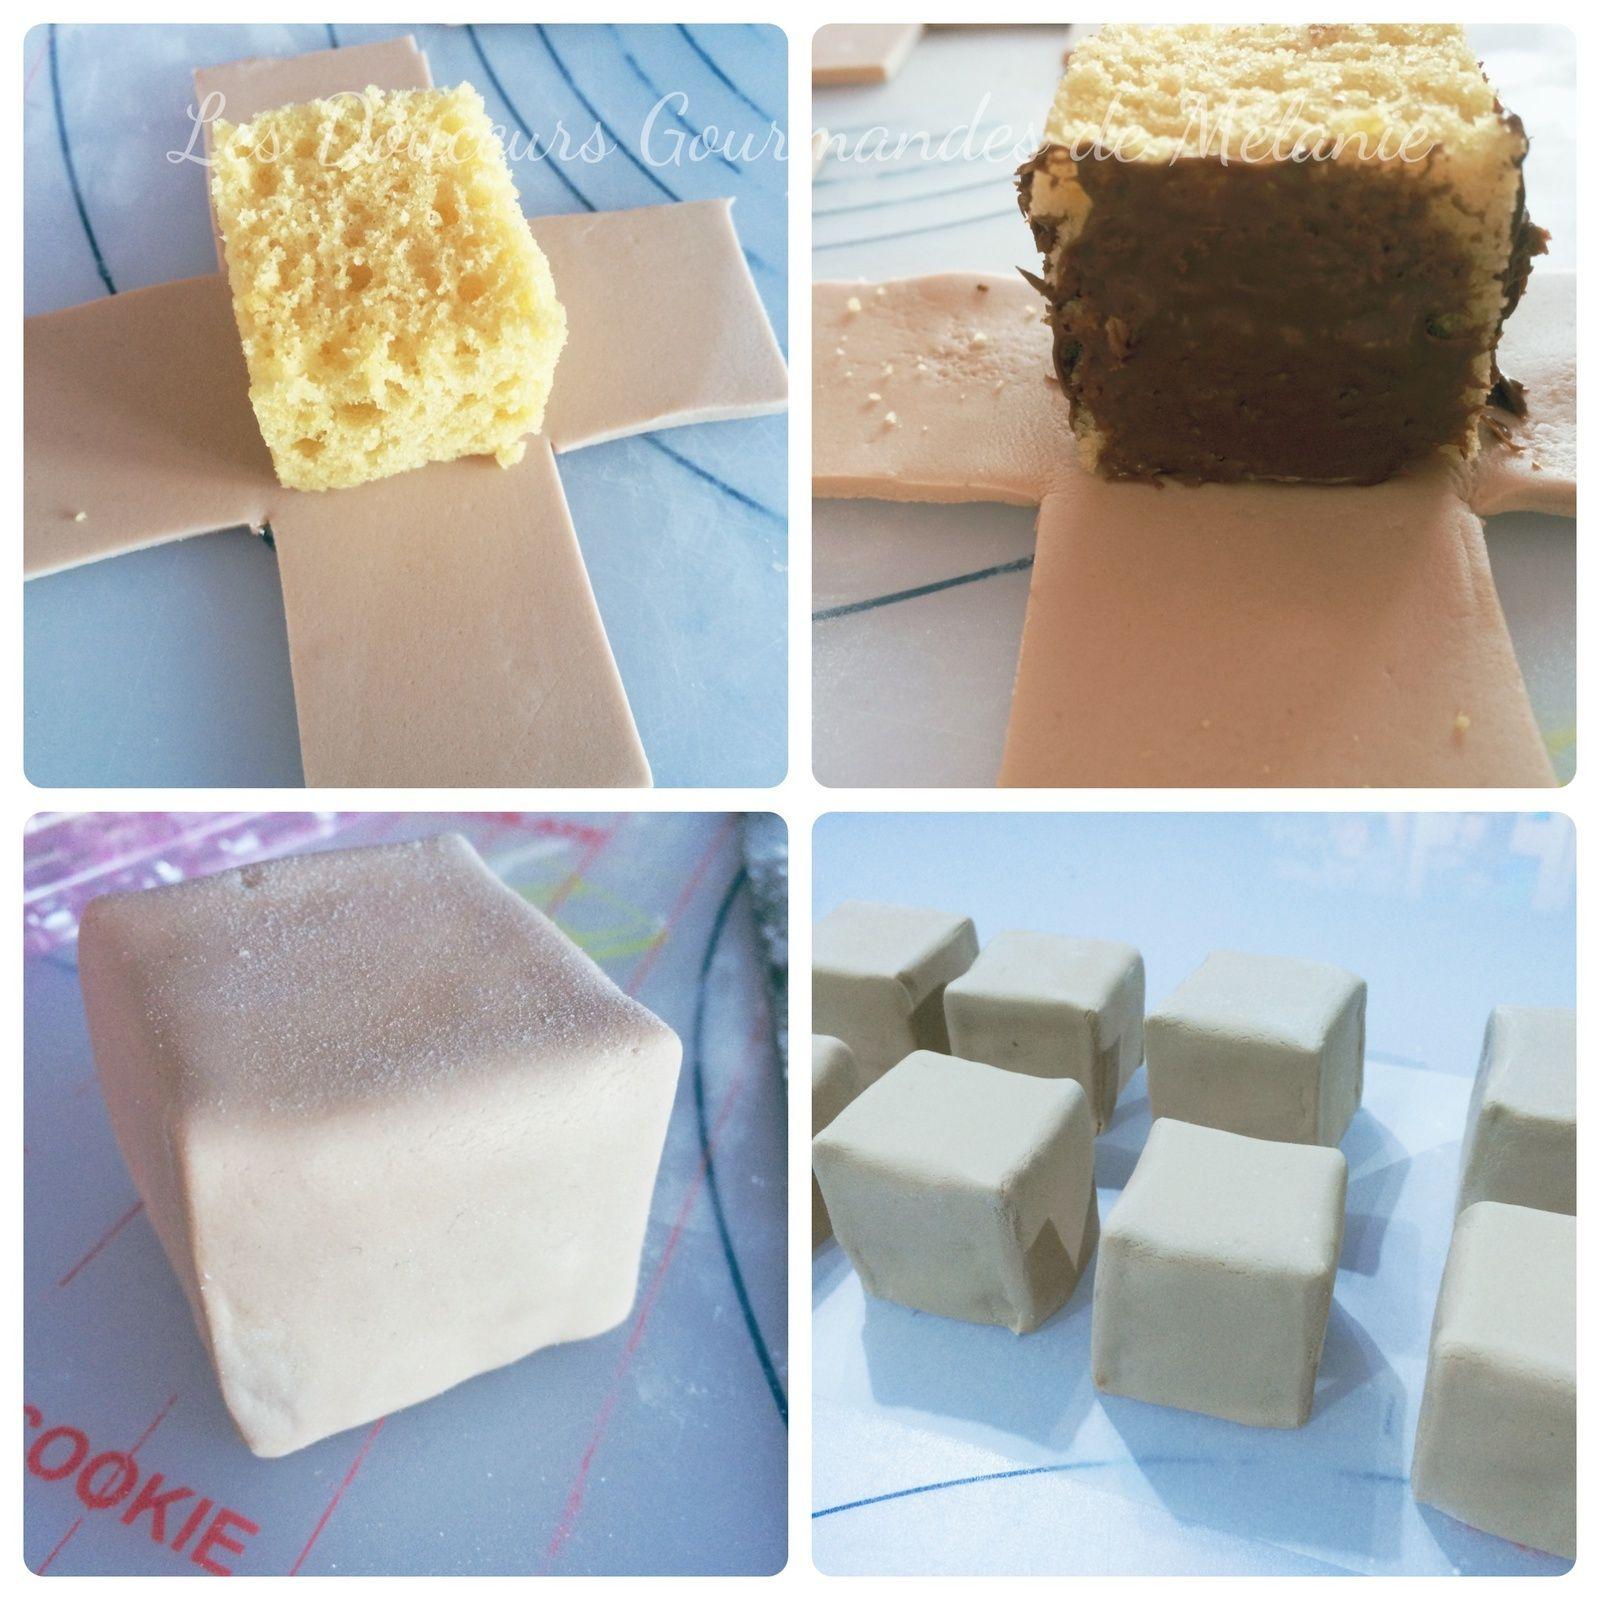 faire des cubes en p te sucre super g teau. Black Bedroom Furniture Sets. Home Design Ideas